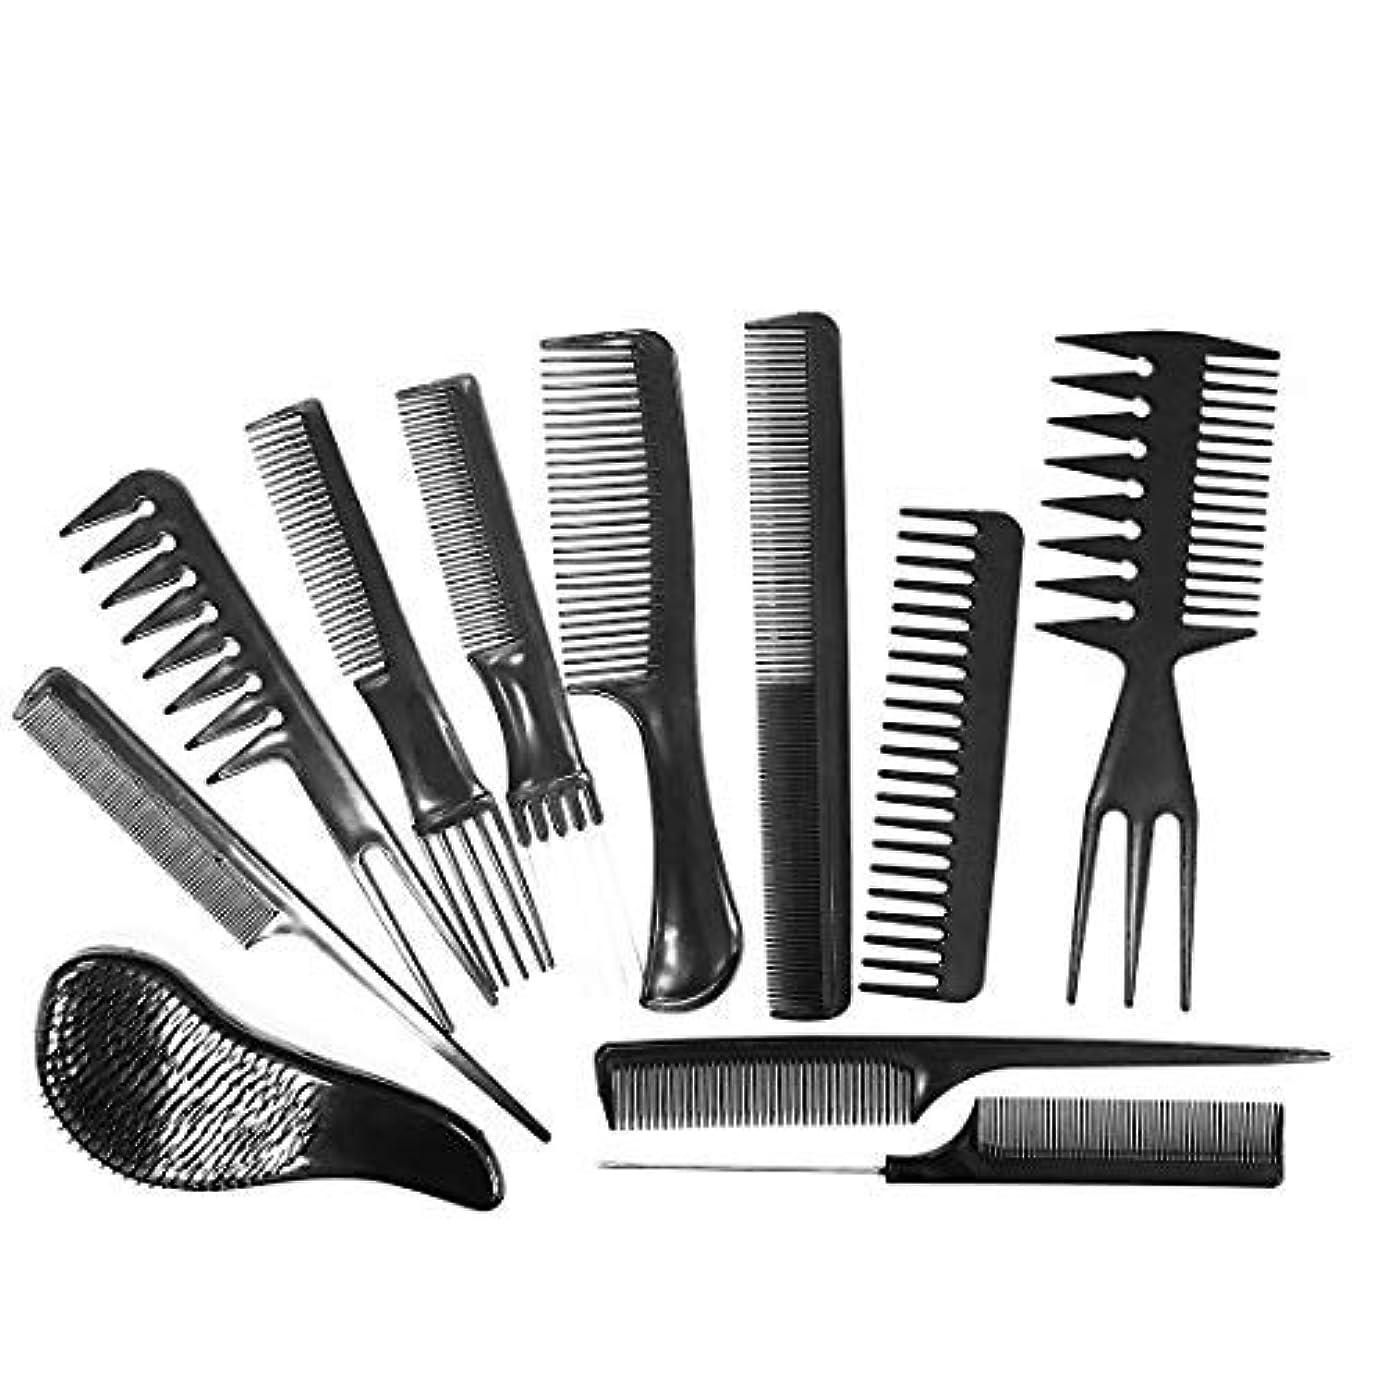 ミュートスーパーマーケット気難しいDaimay Professional Hair Styling Comb Set Hair Styling Clips Salon Hair Styling Barbers Comb Set Variety Pack...